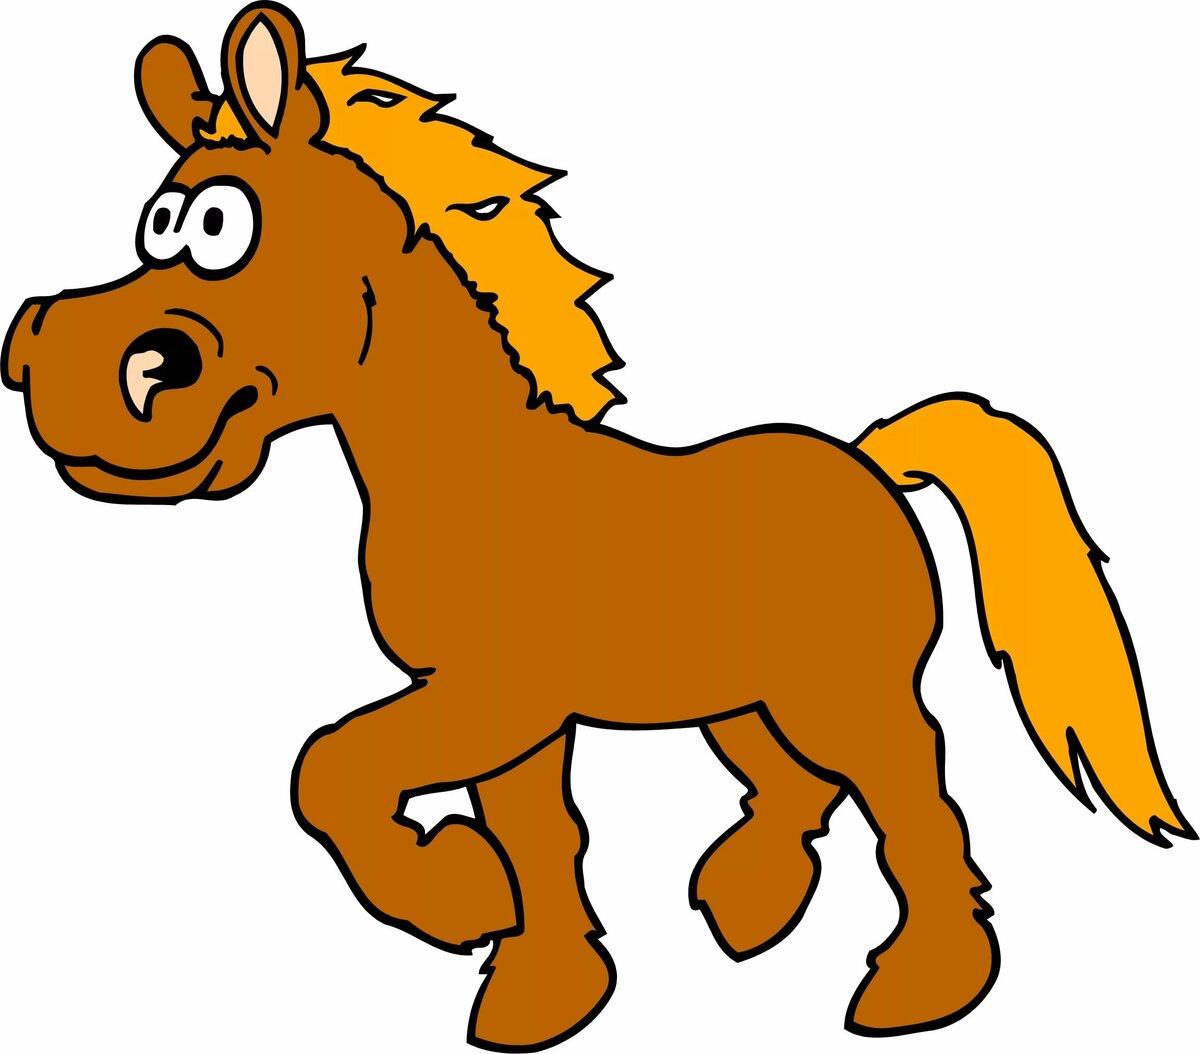 Картинки с изображением лошадь для детей